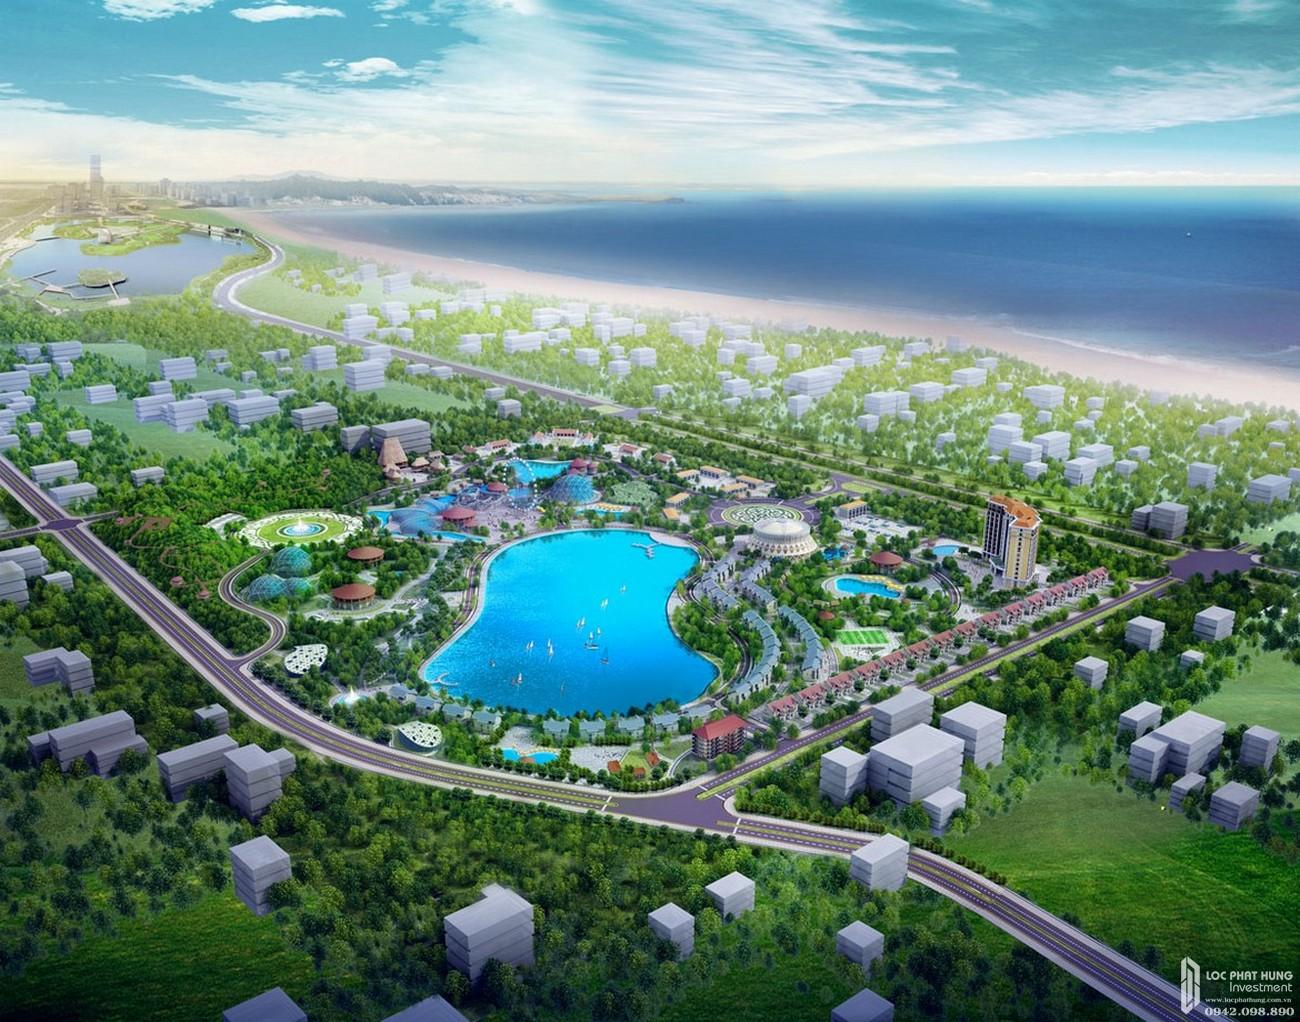 Tiện ích ngoại khu dự án Sunshine Diamond Bay Nha Trang